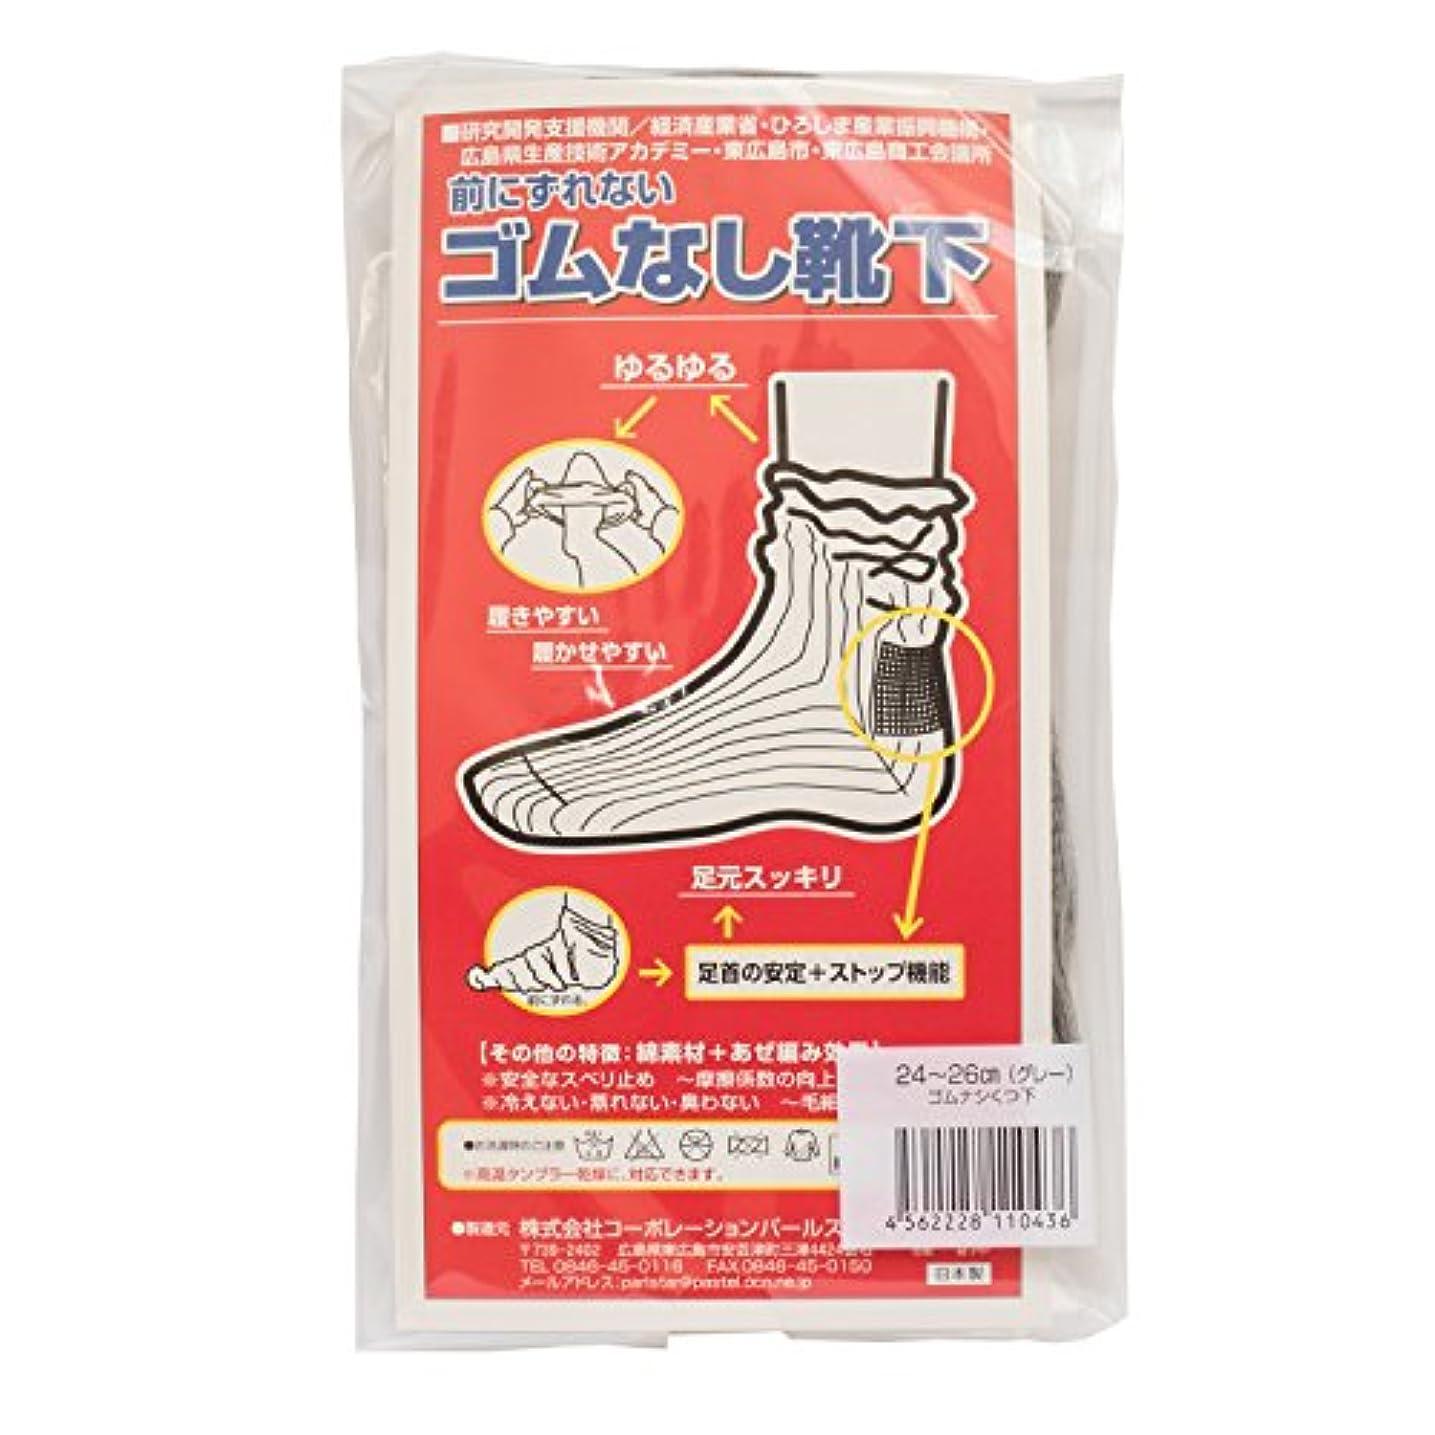 疑問に思う近く謙虚コーポレーションパールスター 前にずれない ゴムなし靴下 グレー 24~26cm